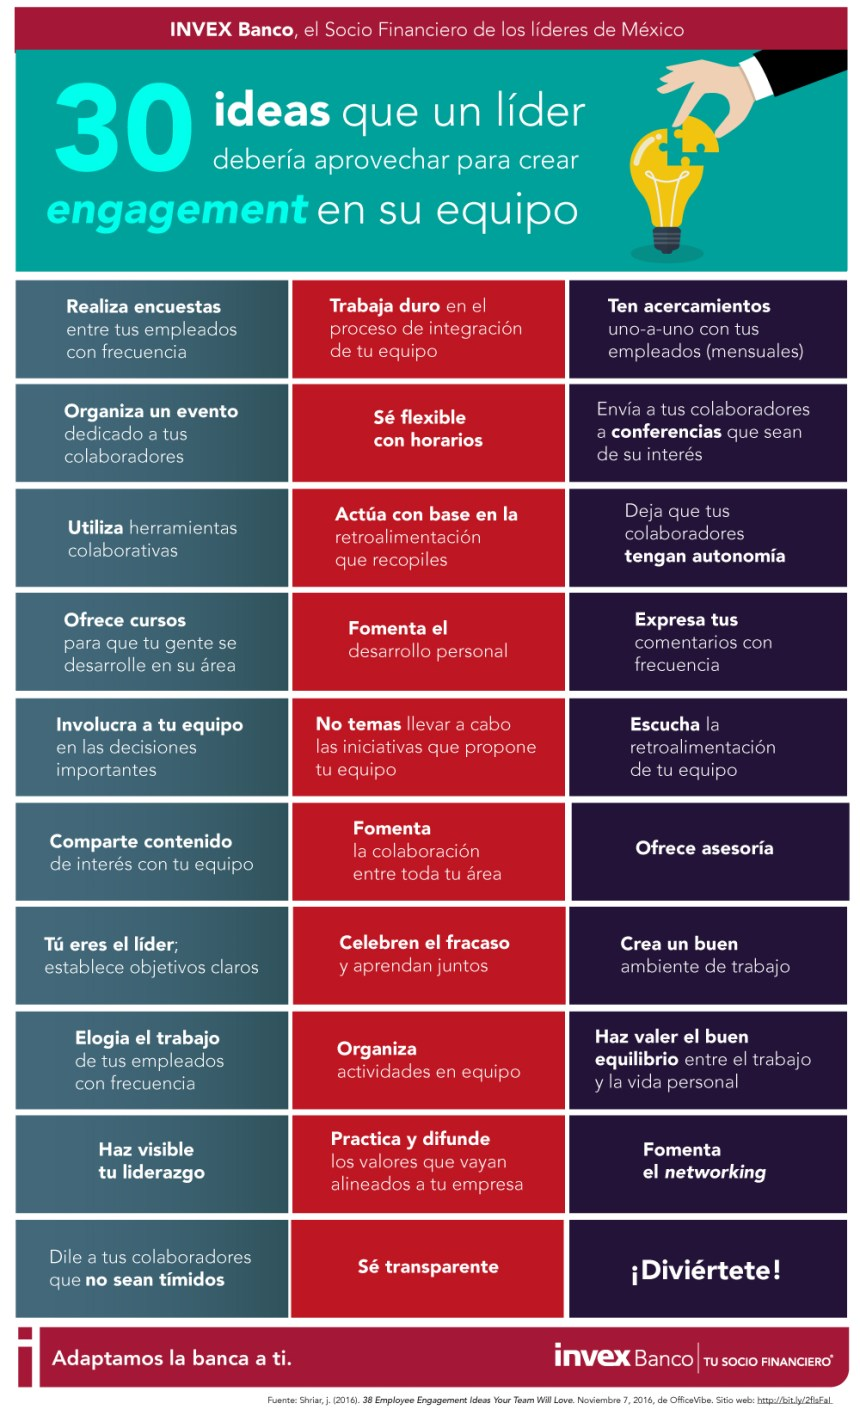 30 ideas que un líder debería aprovechar para crear engagement en su equipo